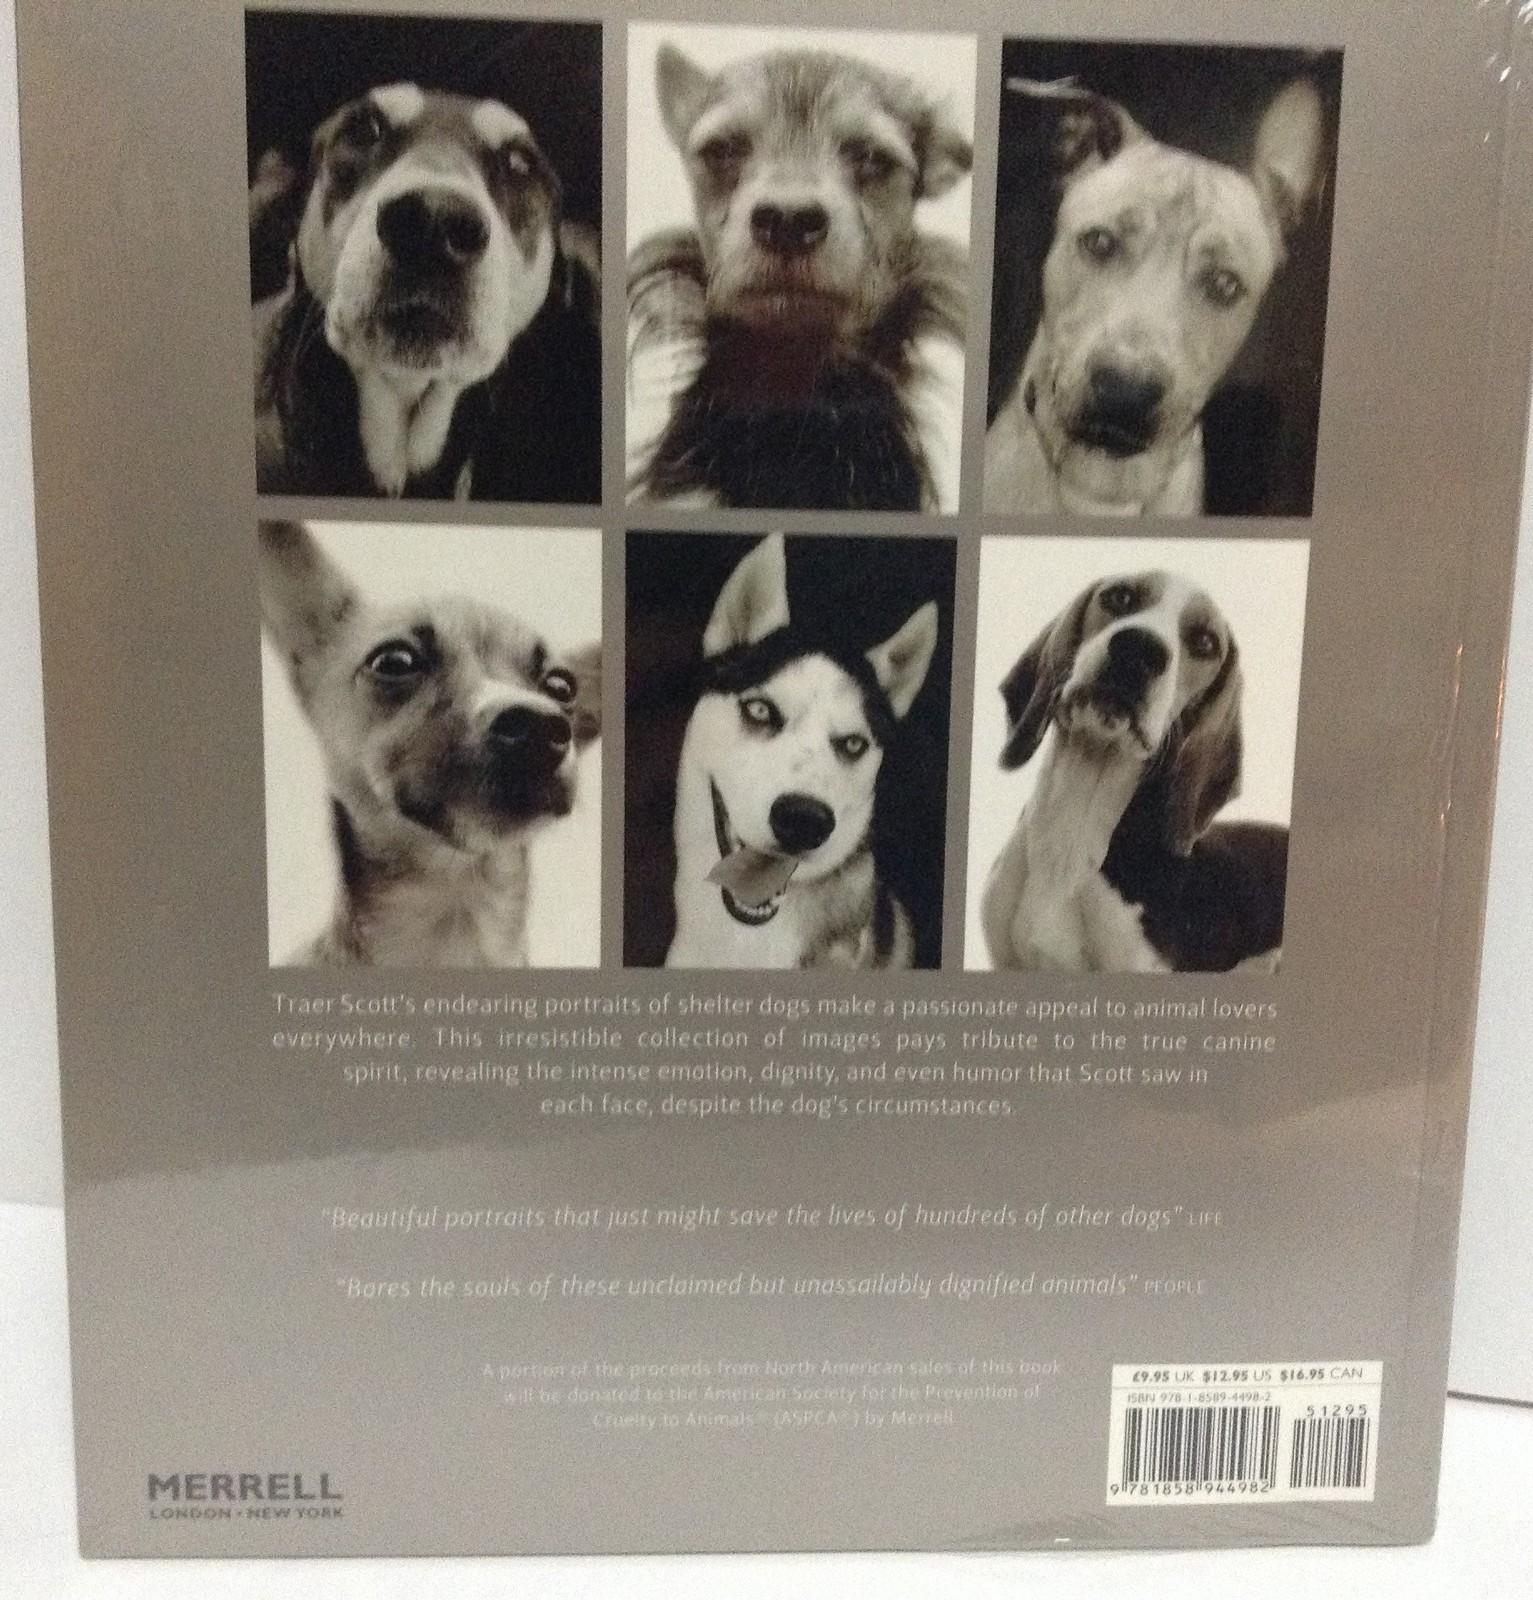 Shelter Dogs Merrell Traer Scott Brand New Sealed ISBN 9781858944082